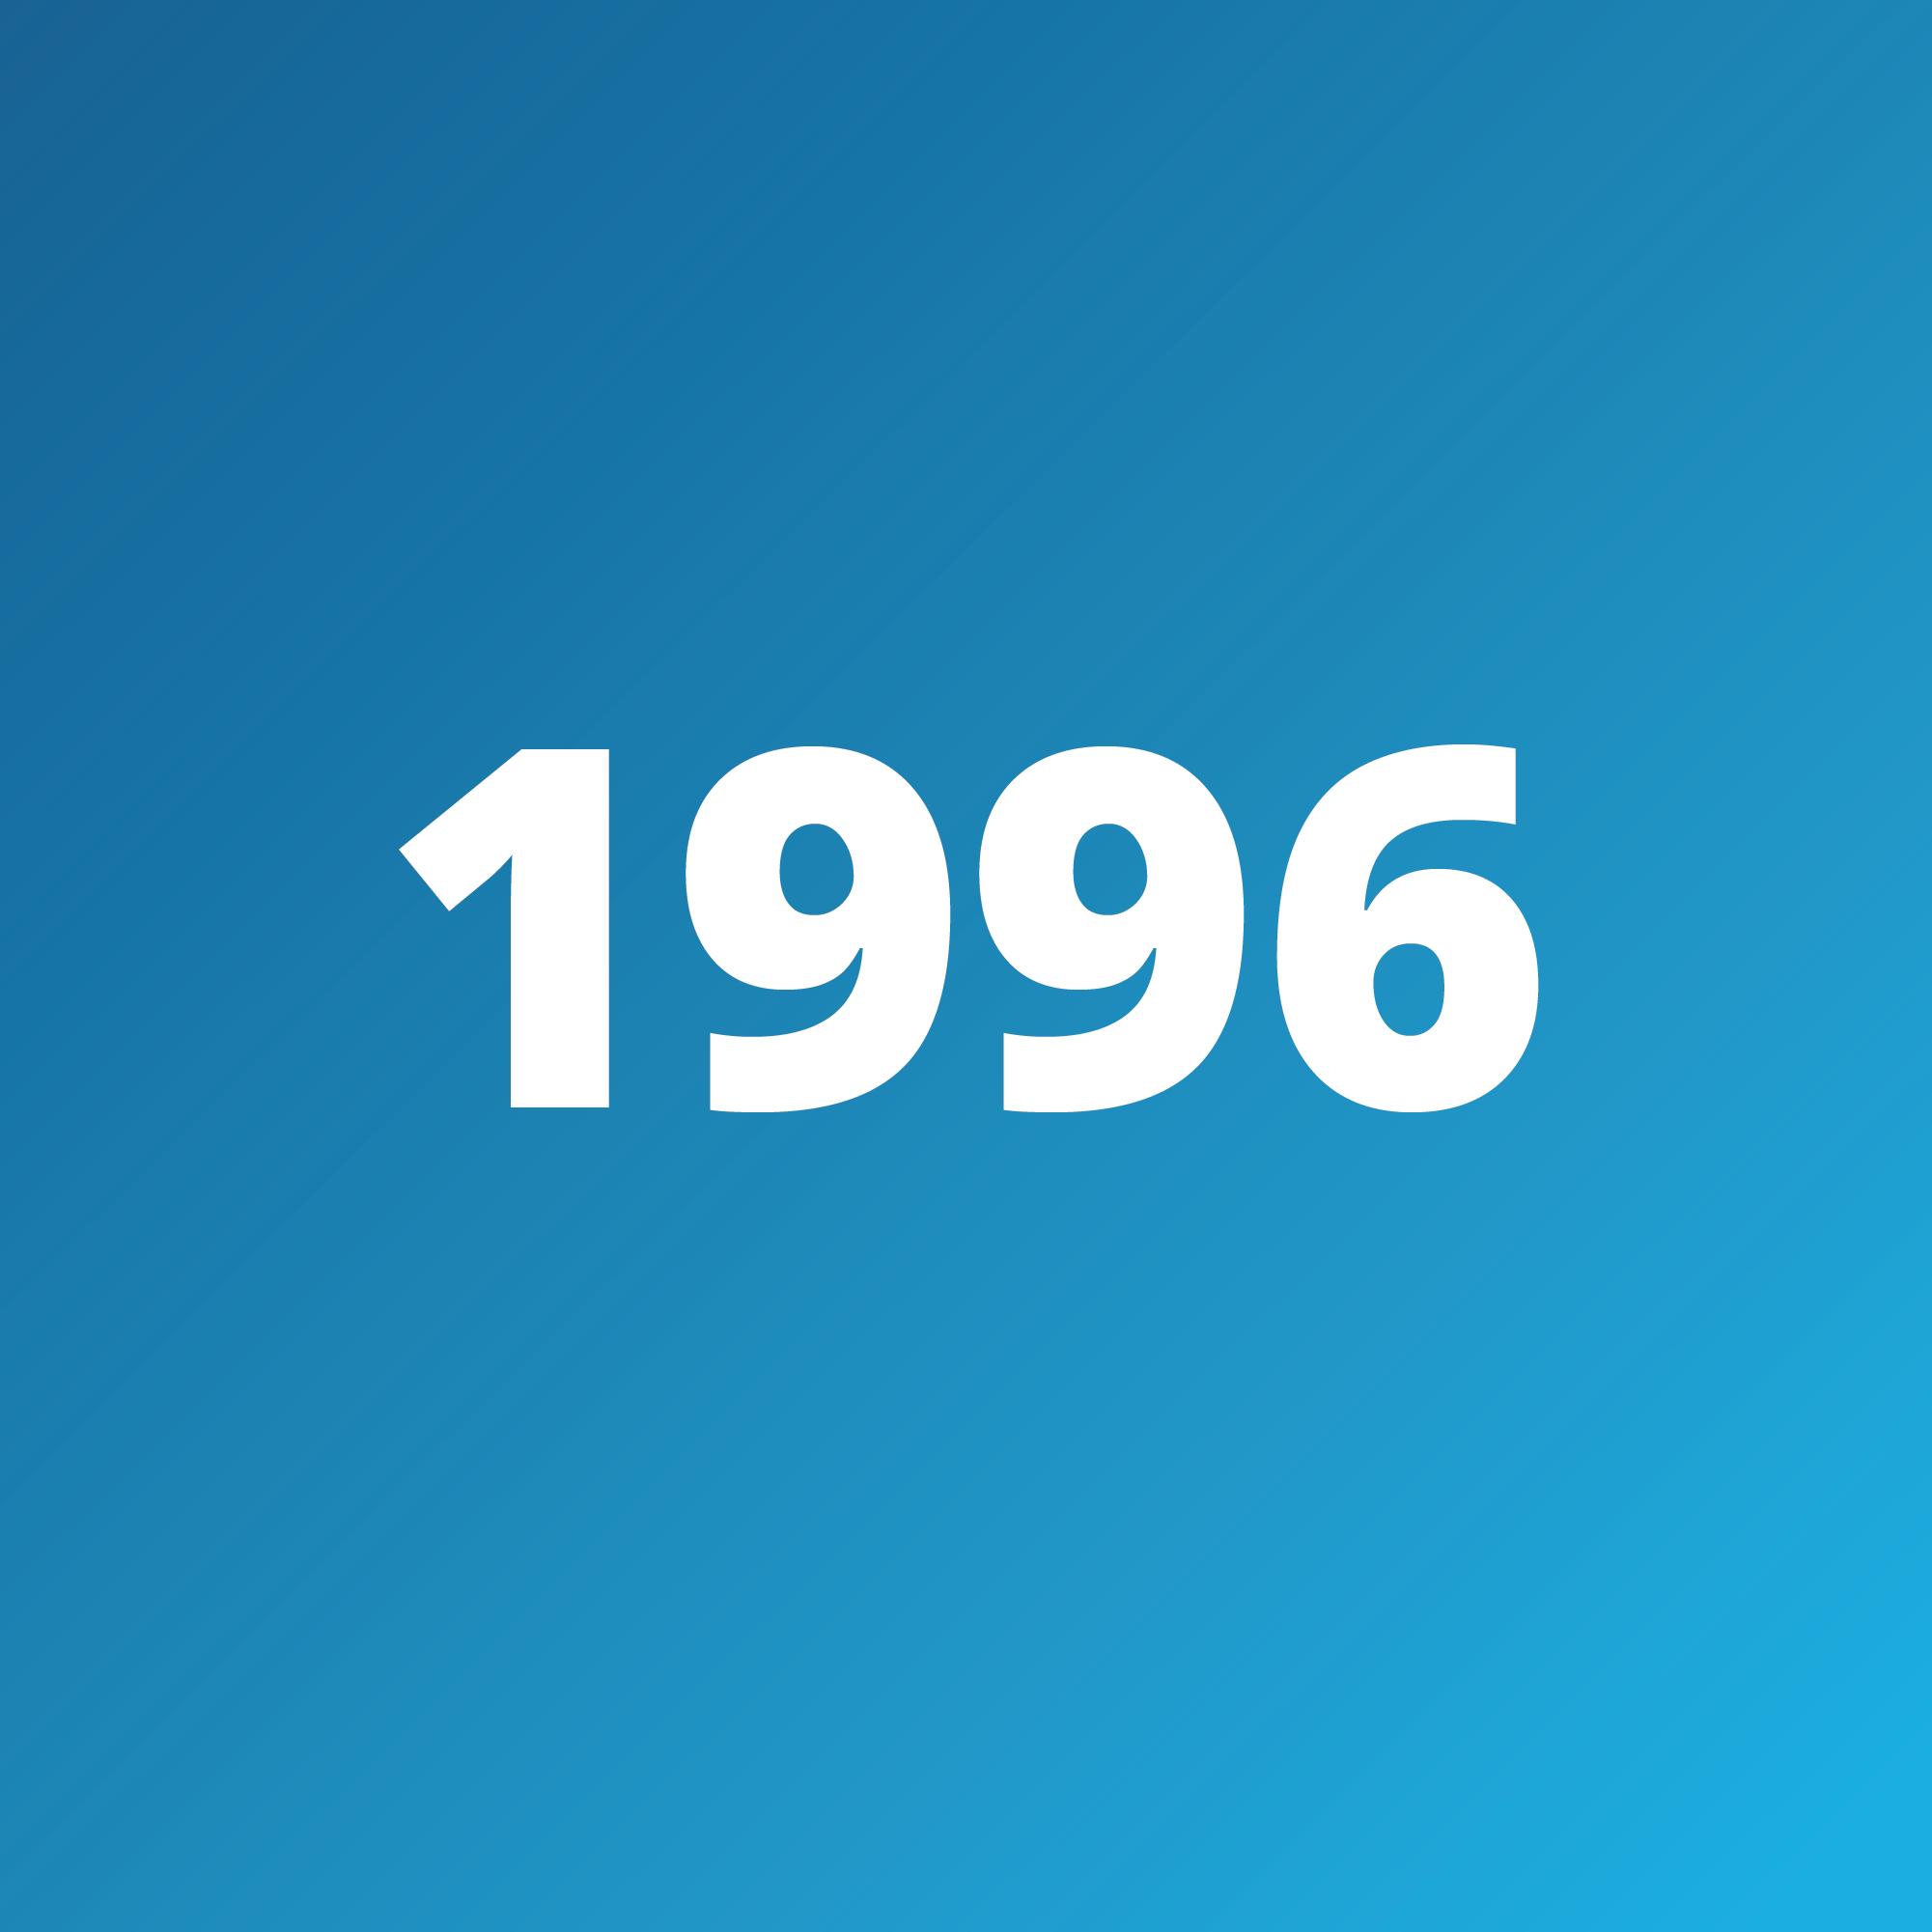 Timeline - 1996